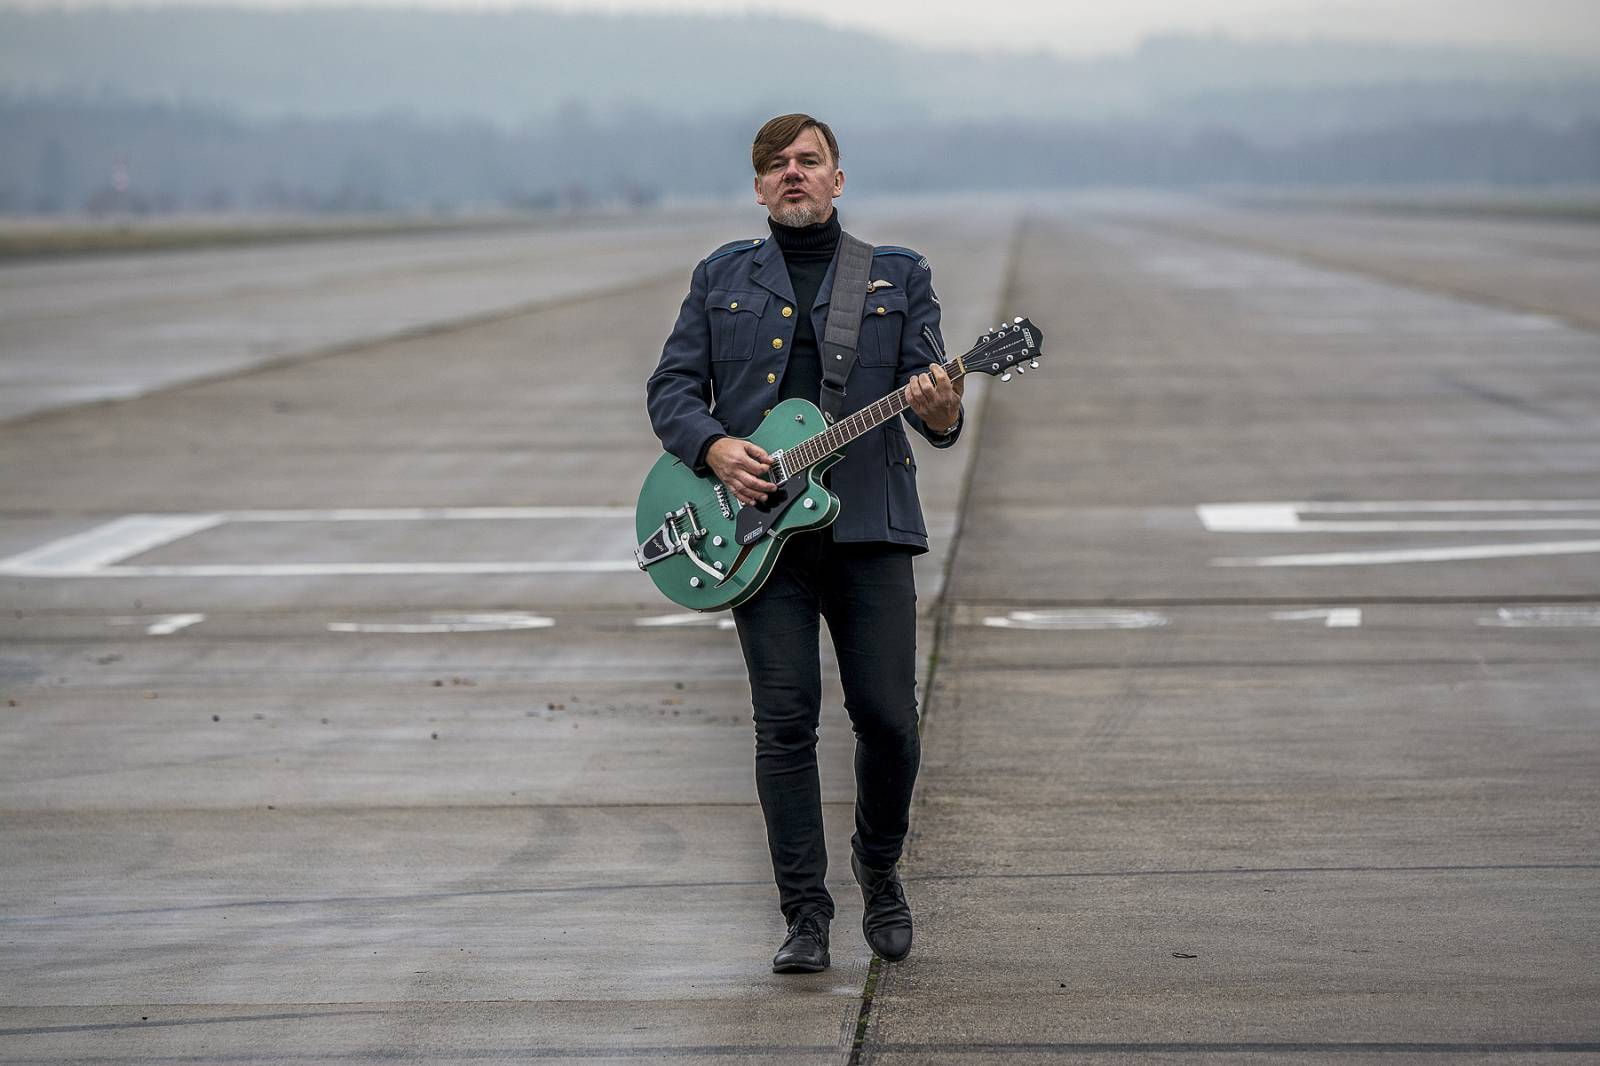 ANKETA: Rock Café slaví 30. narozeniny. Co klubu přejí Michal Hrůza, Tereza Rays a další?